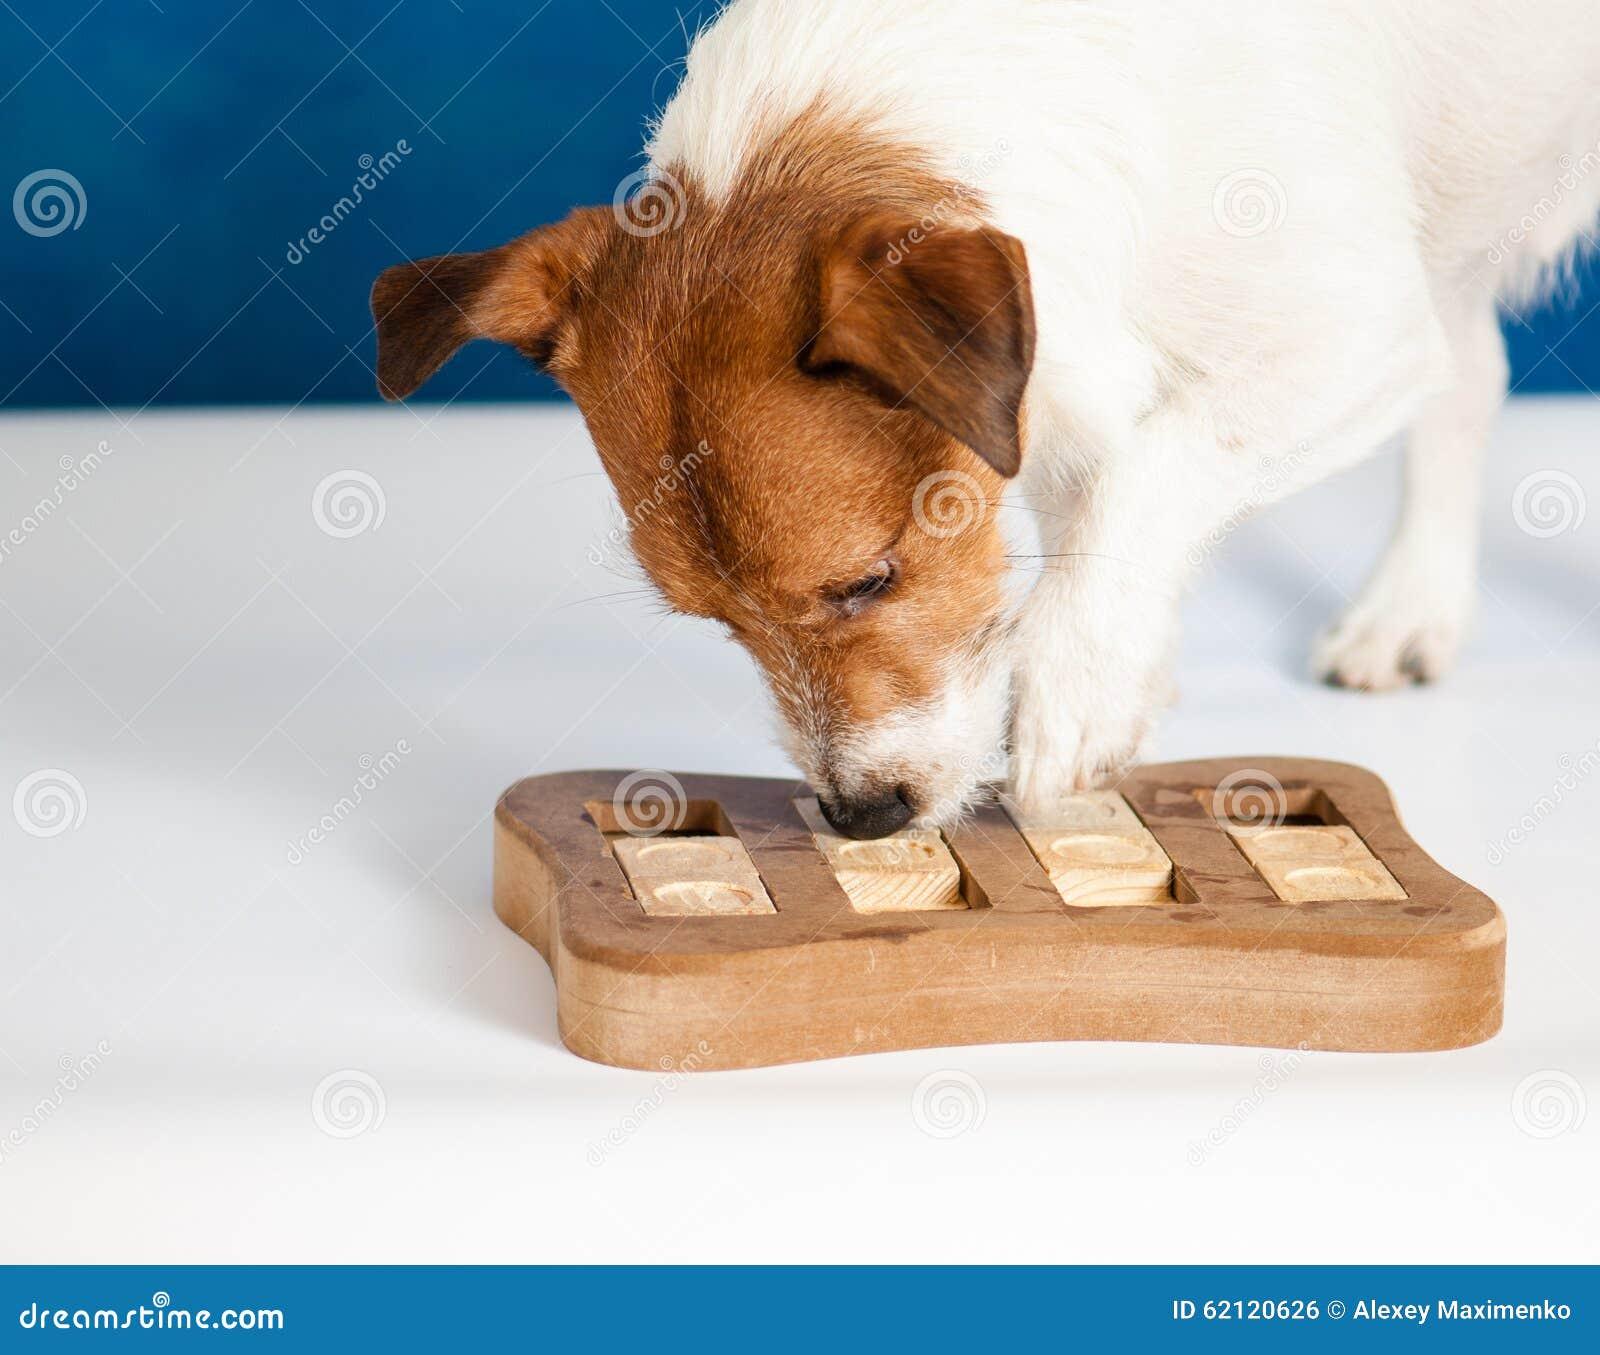 打智力比赛的狗